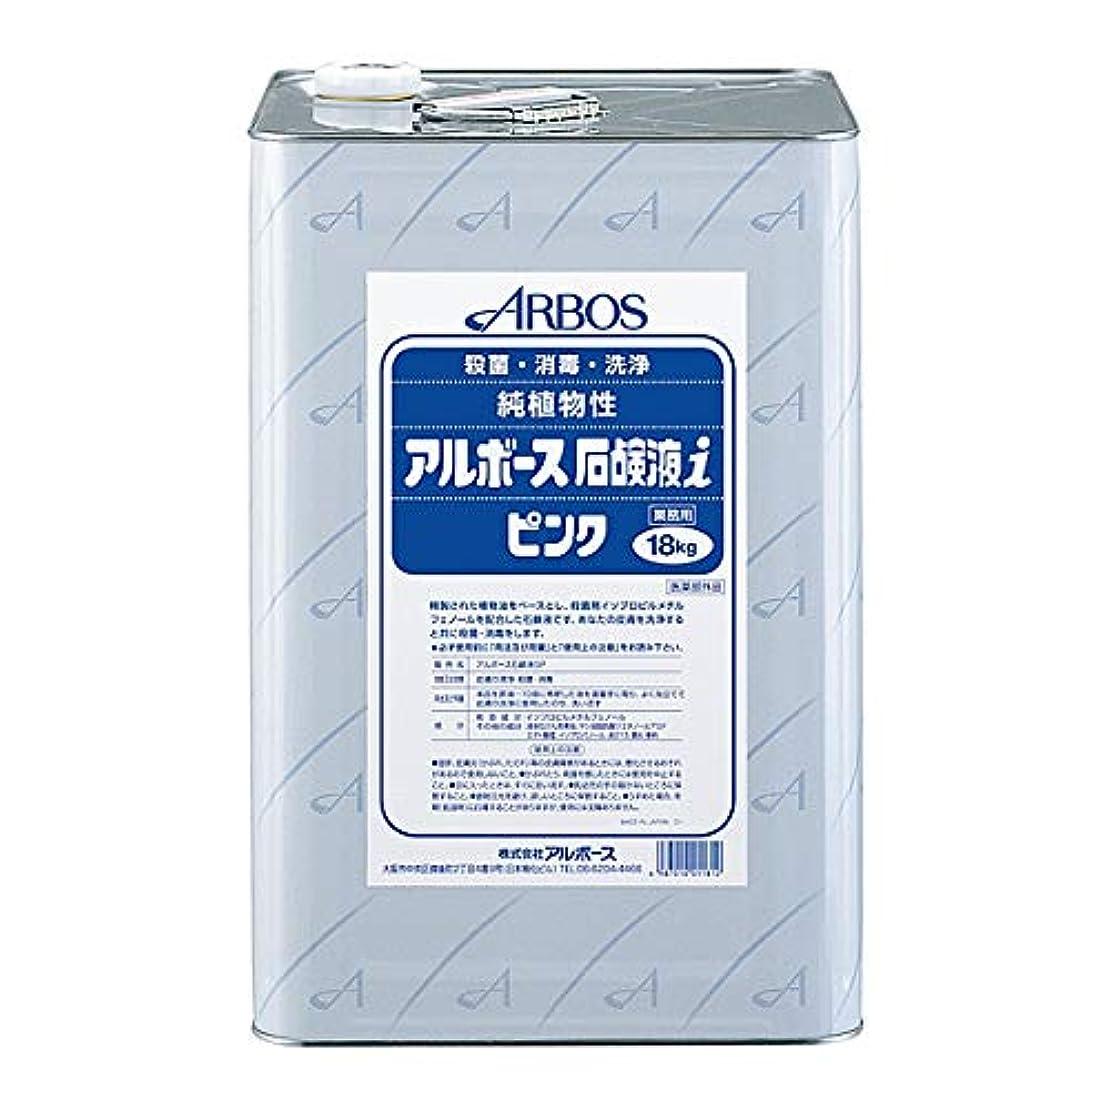 両方調査シュガー【清潔キレイ館】アルボース石鹸液i ピンク(18L)+つめブラシ1個 オマケ付